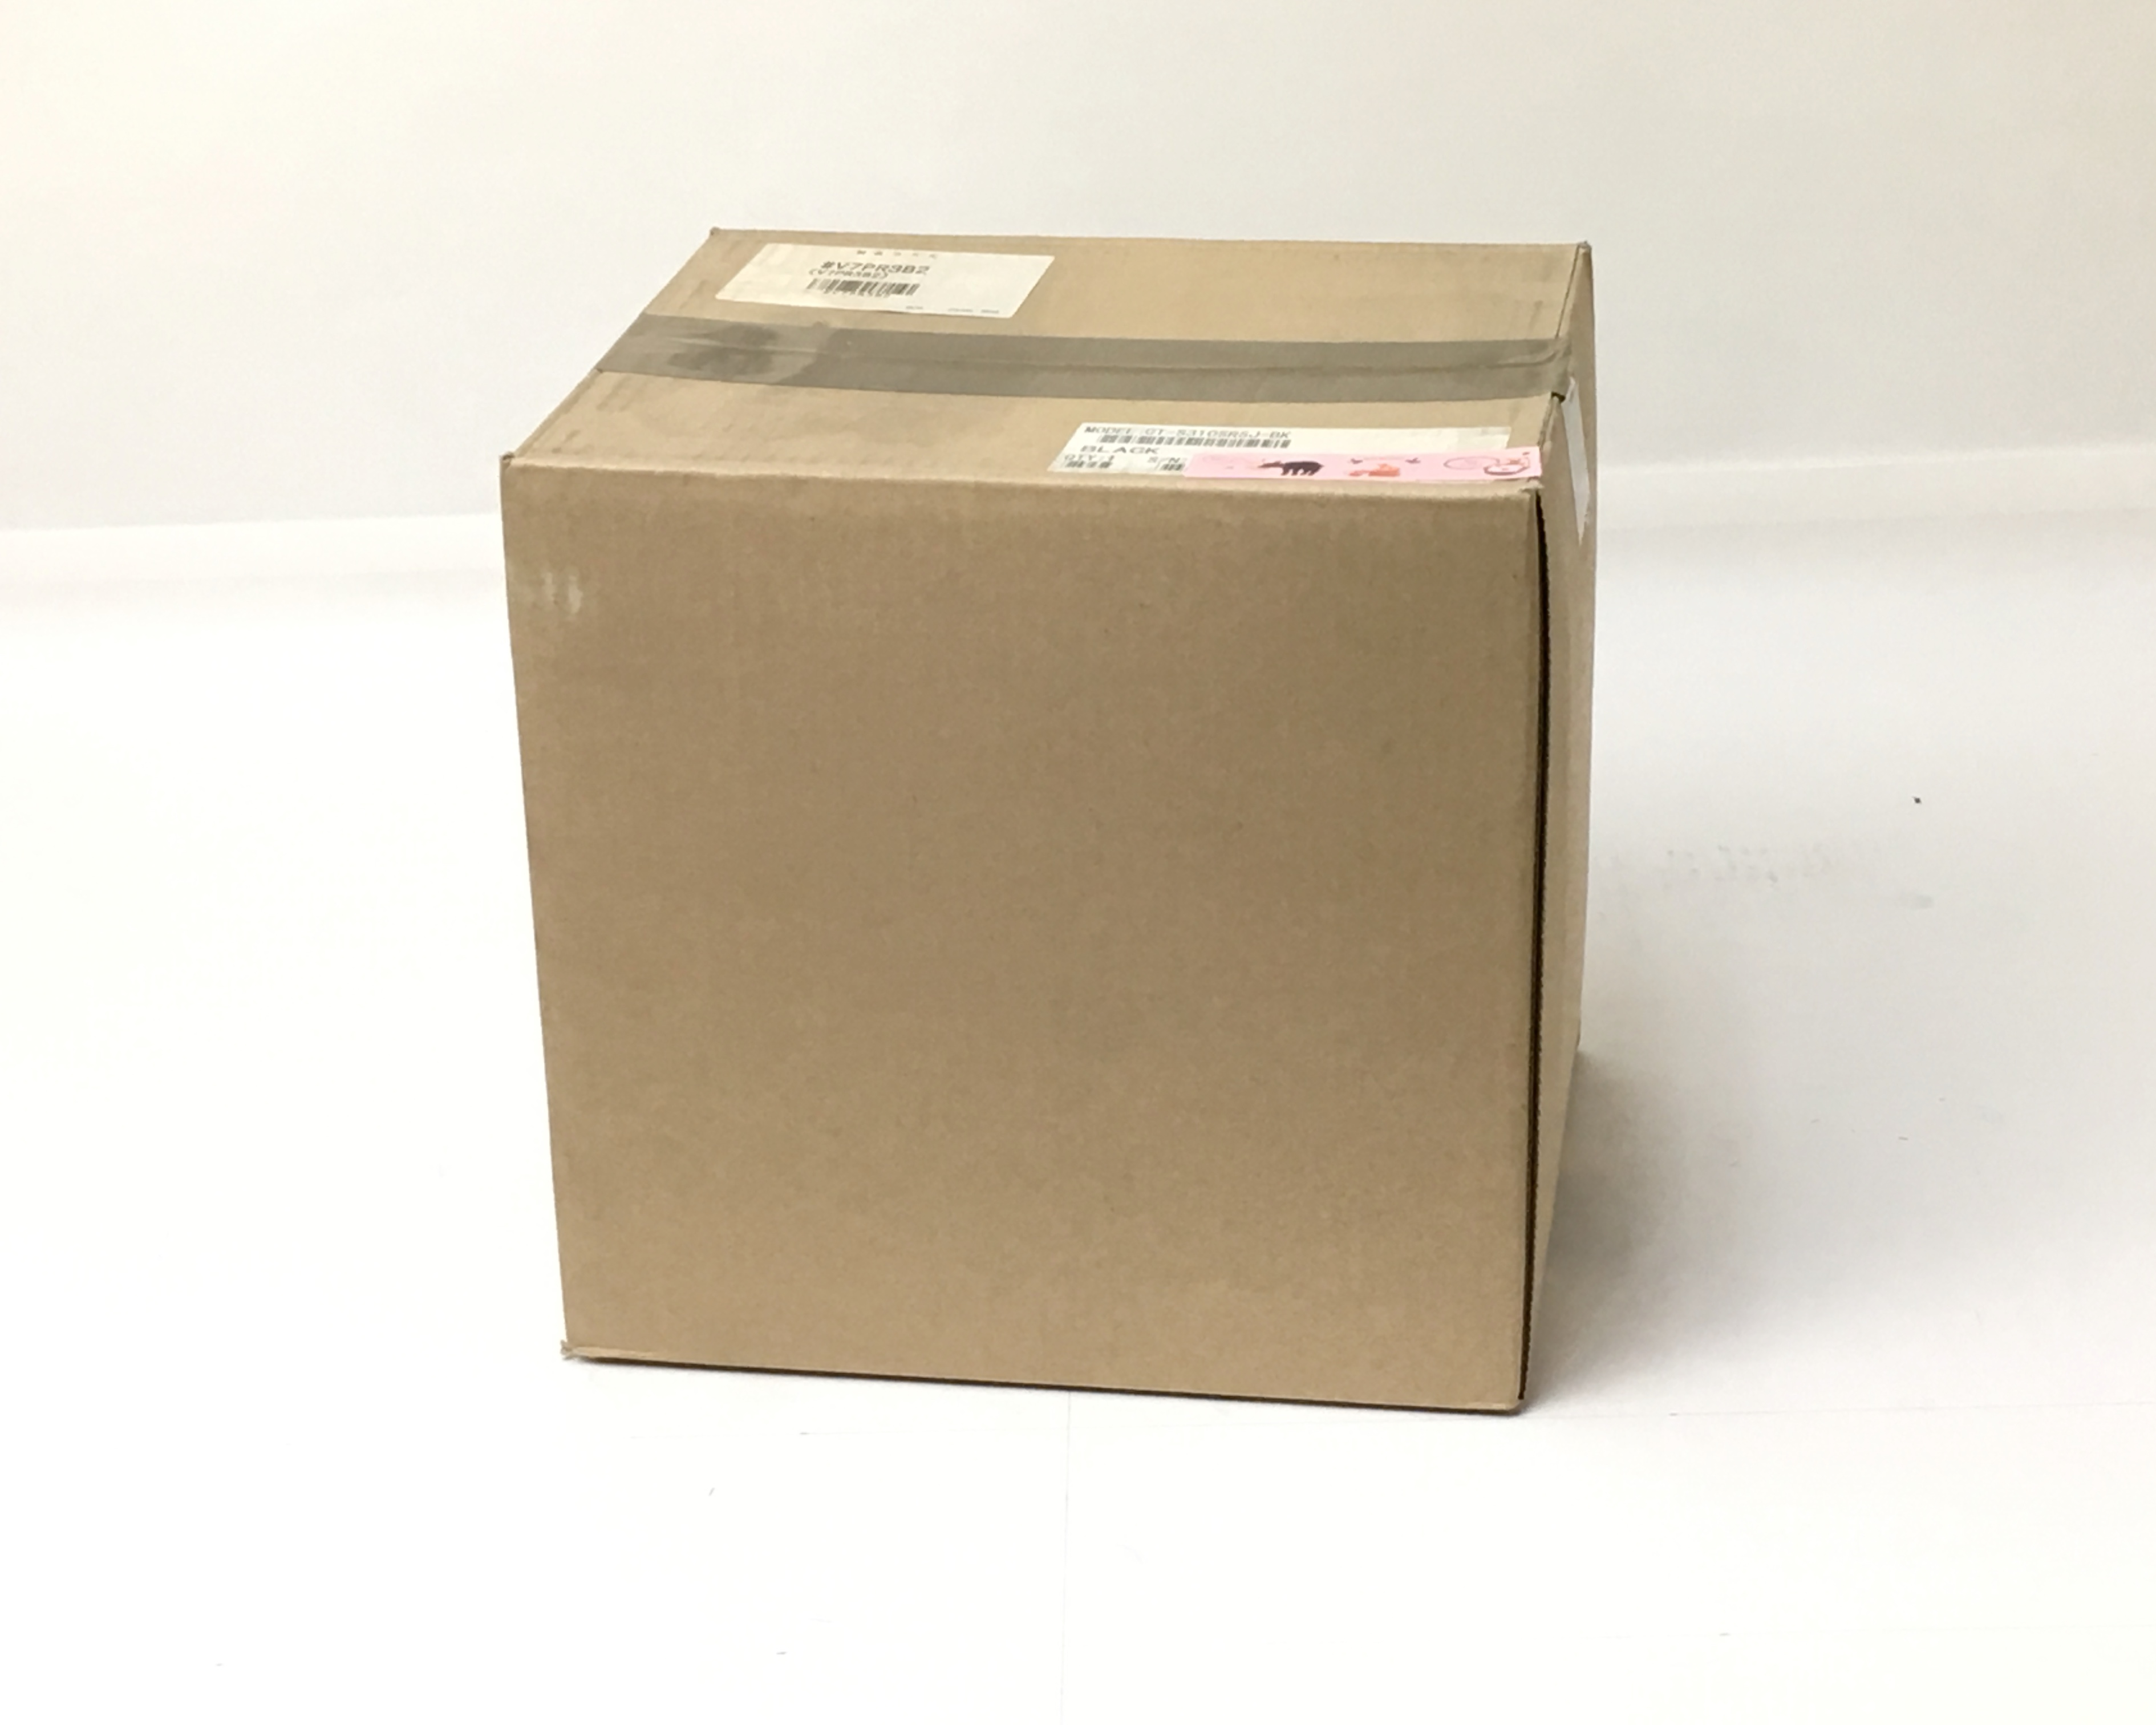 【新品】CITIZEN レシートプリンタ CT-S310S(USB・RS232C/80/58mm)ブラック メイン画像